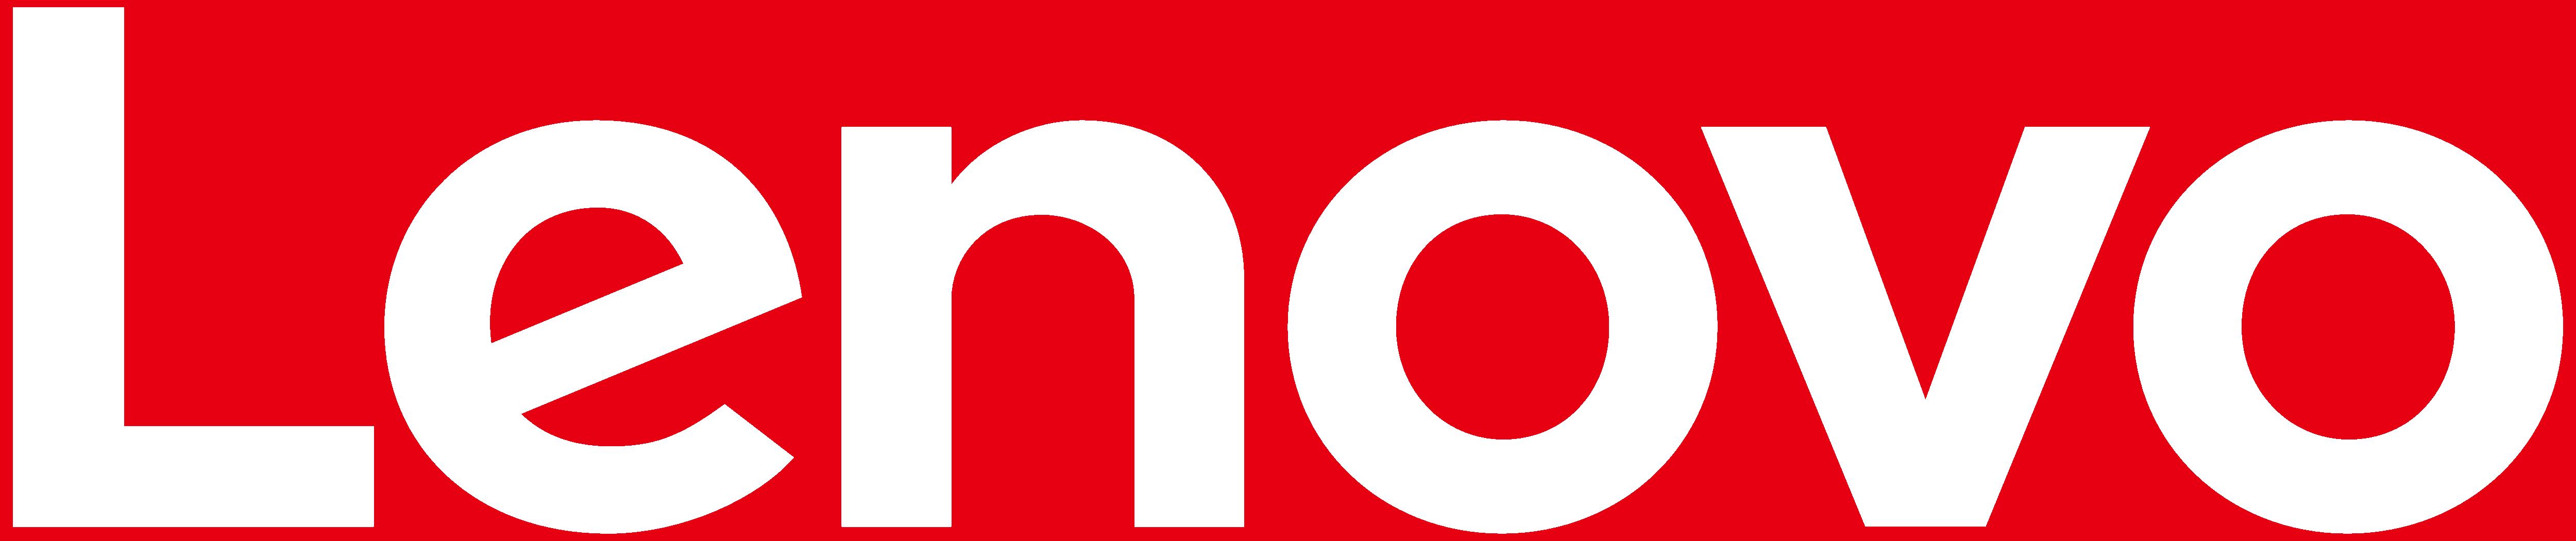 Lenovo Red Logo Wallpaper